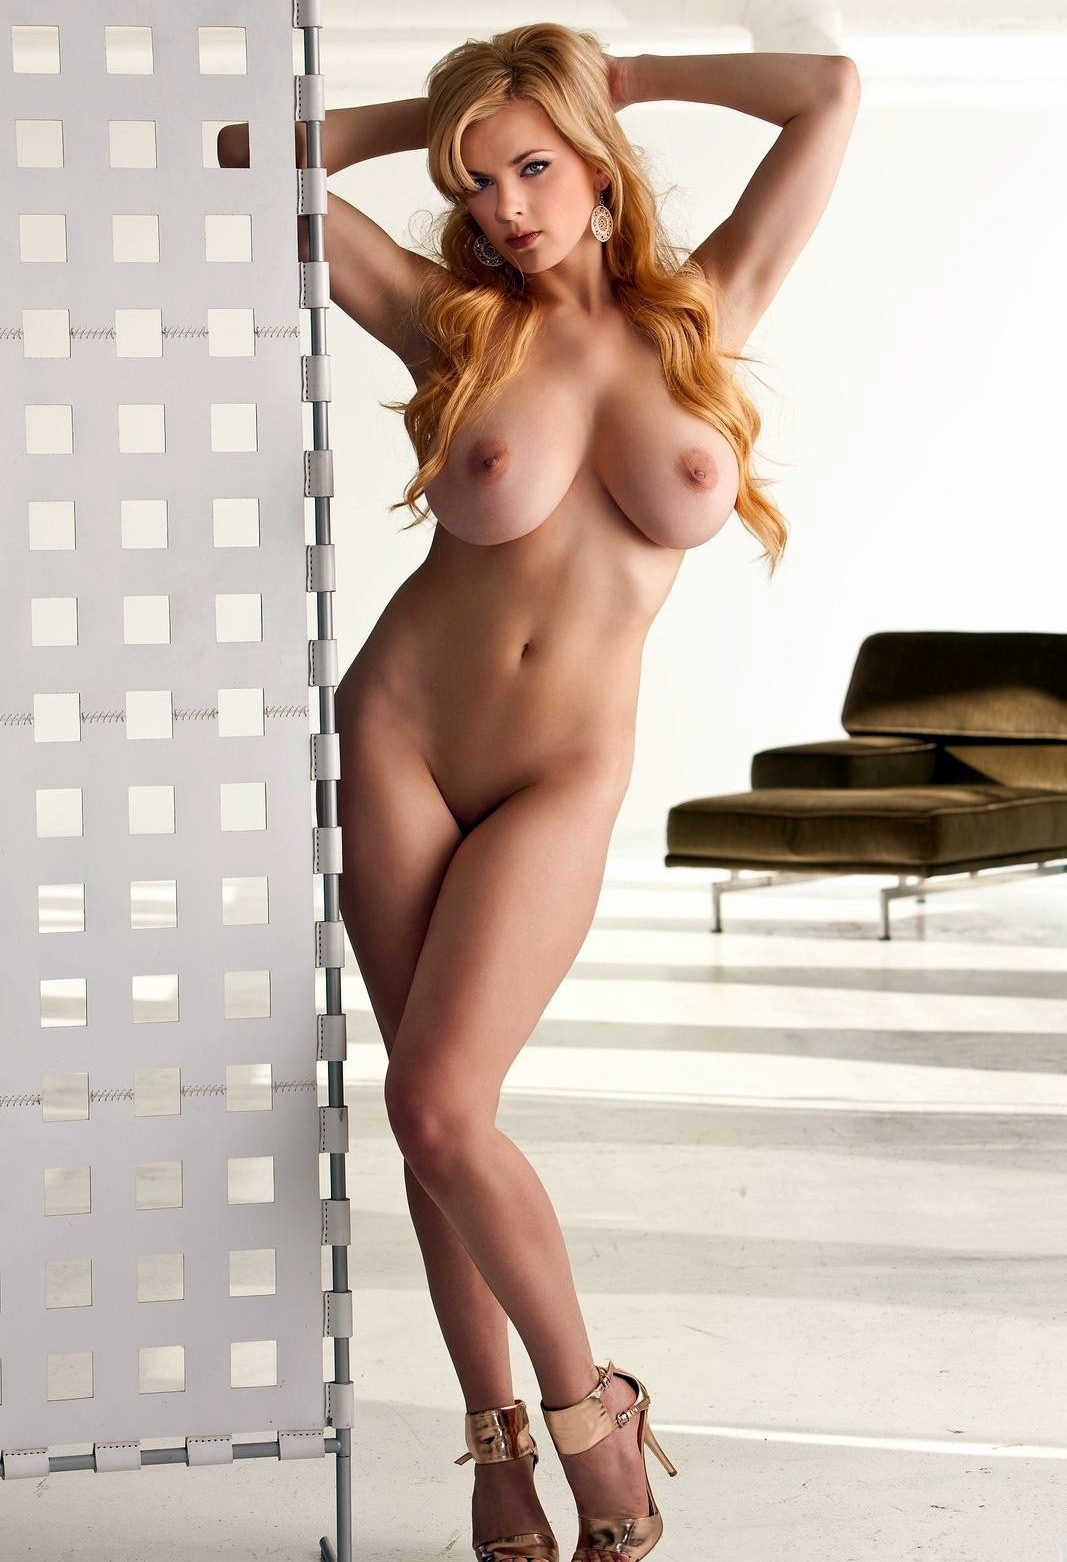 lesibian big tits porn pics